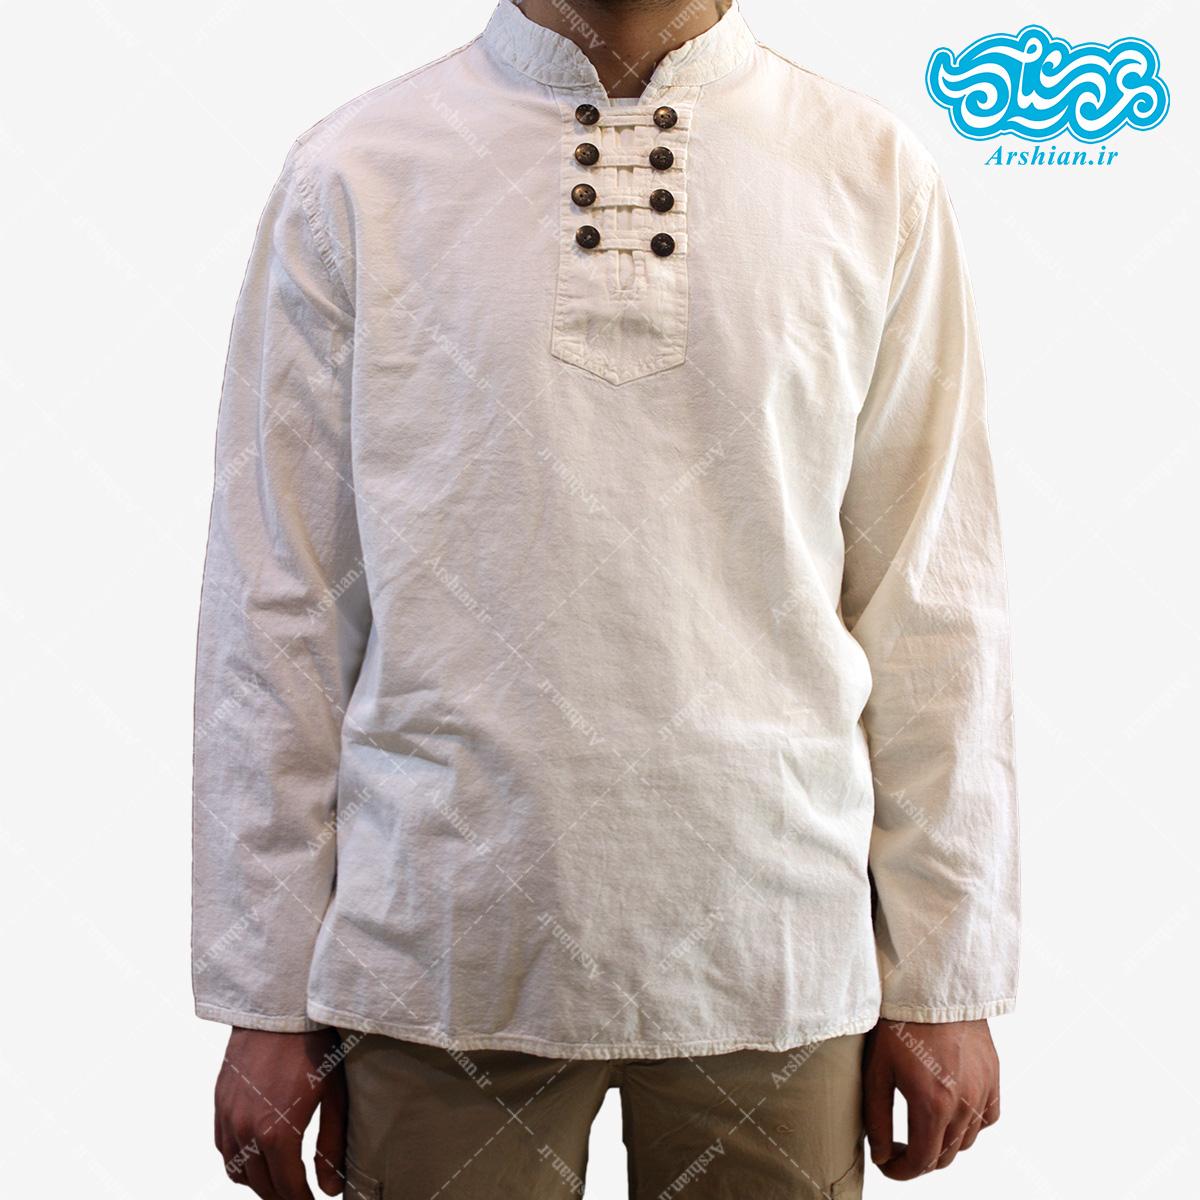 پیراهن الیاف طبیعی طرح هشت دکمه مدل se001